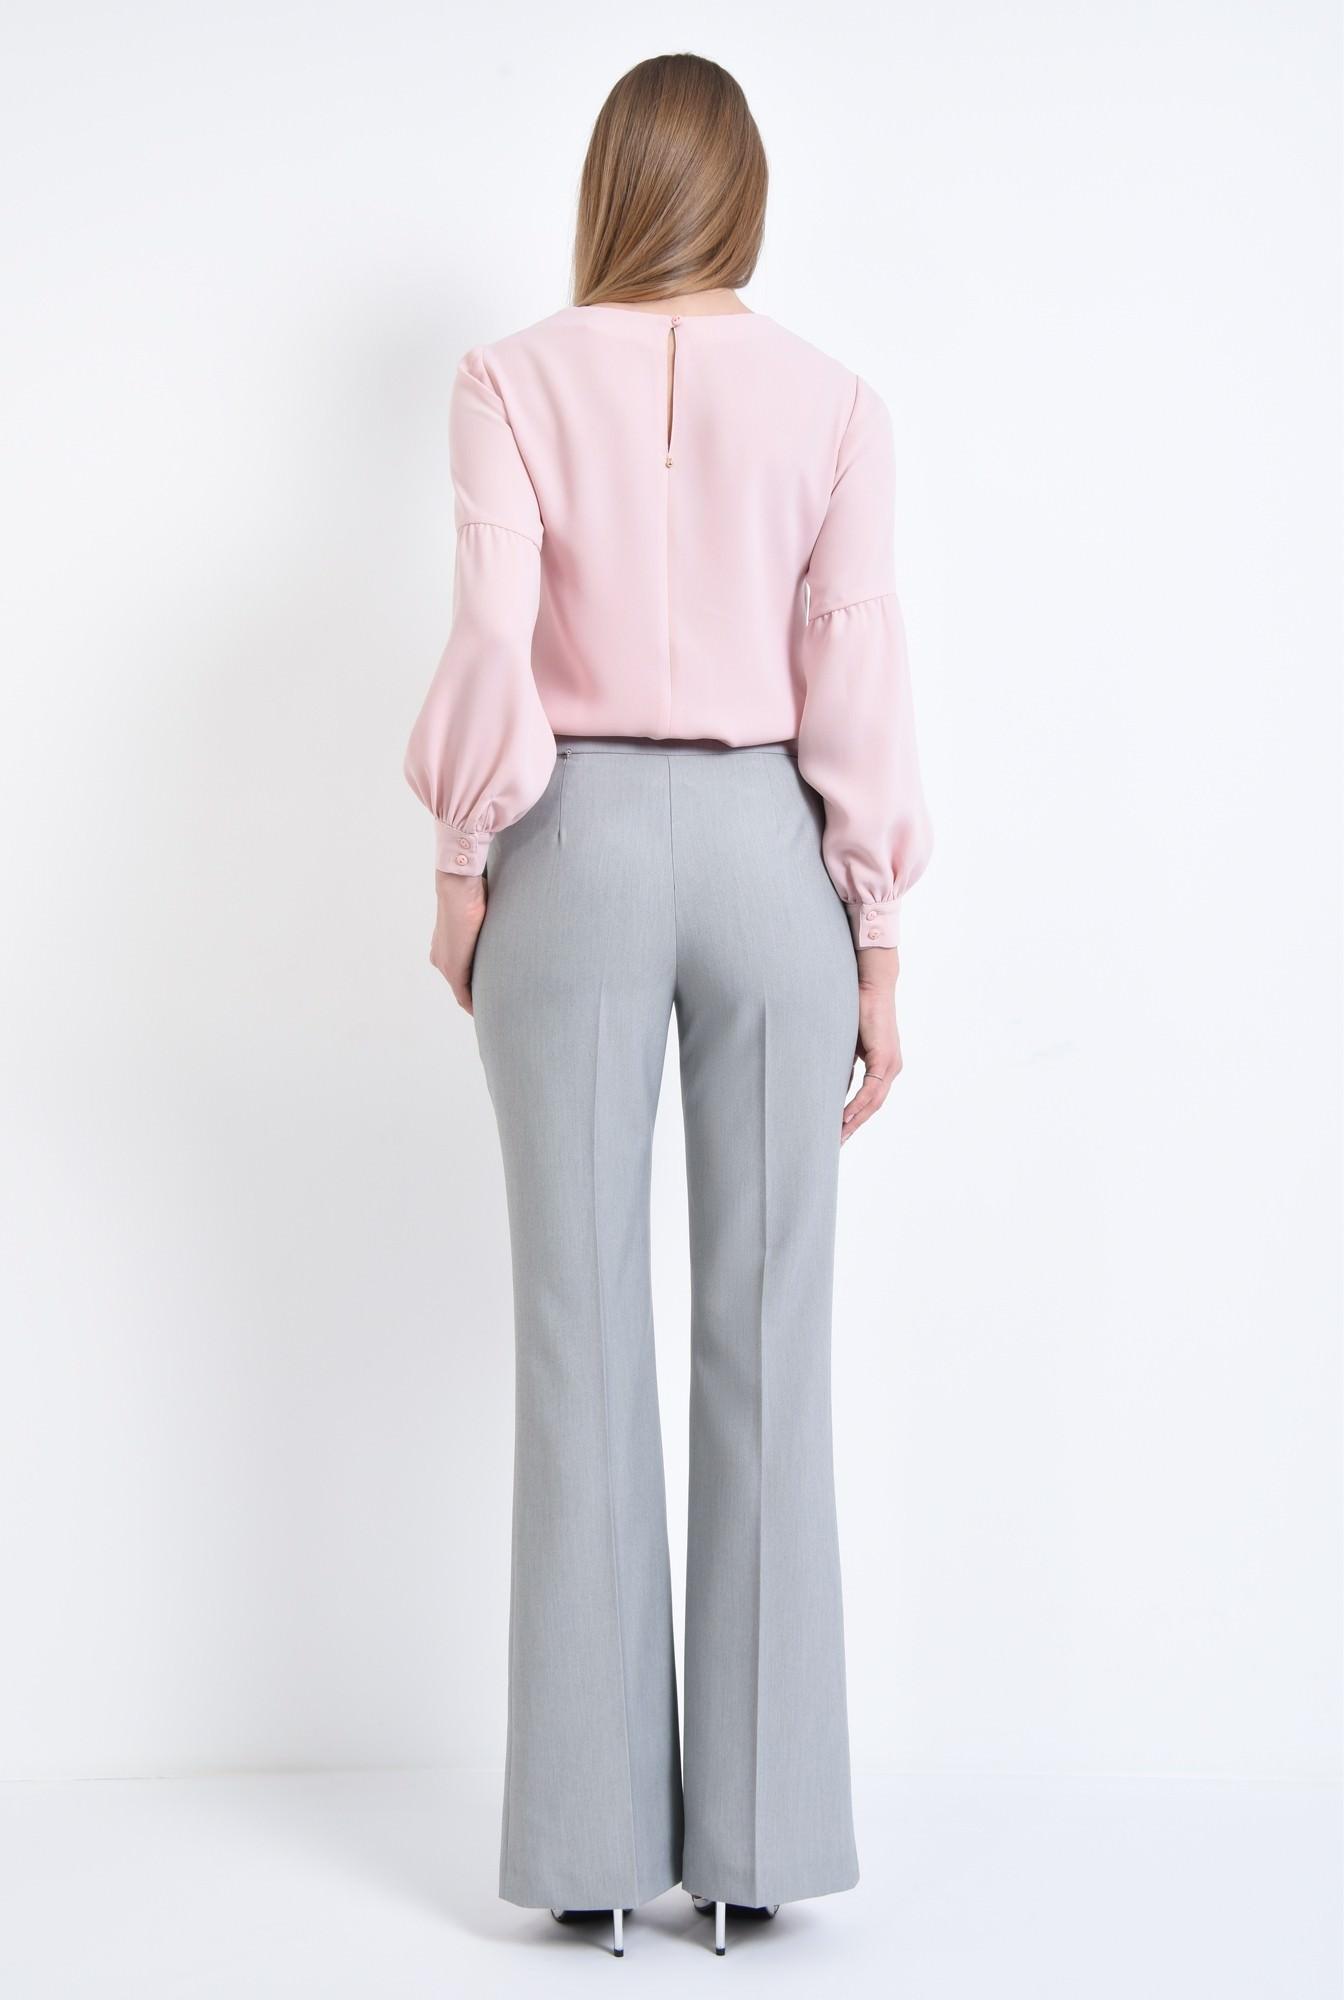 1 - Bluza casual, roz, maneci lungi